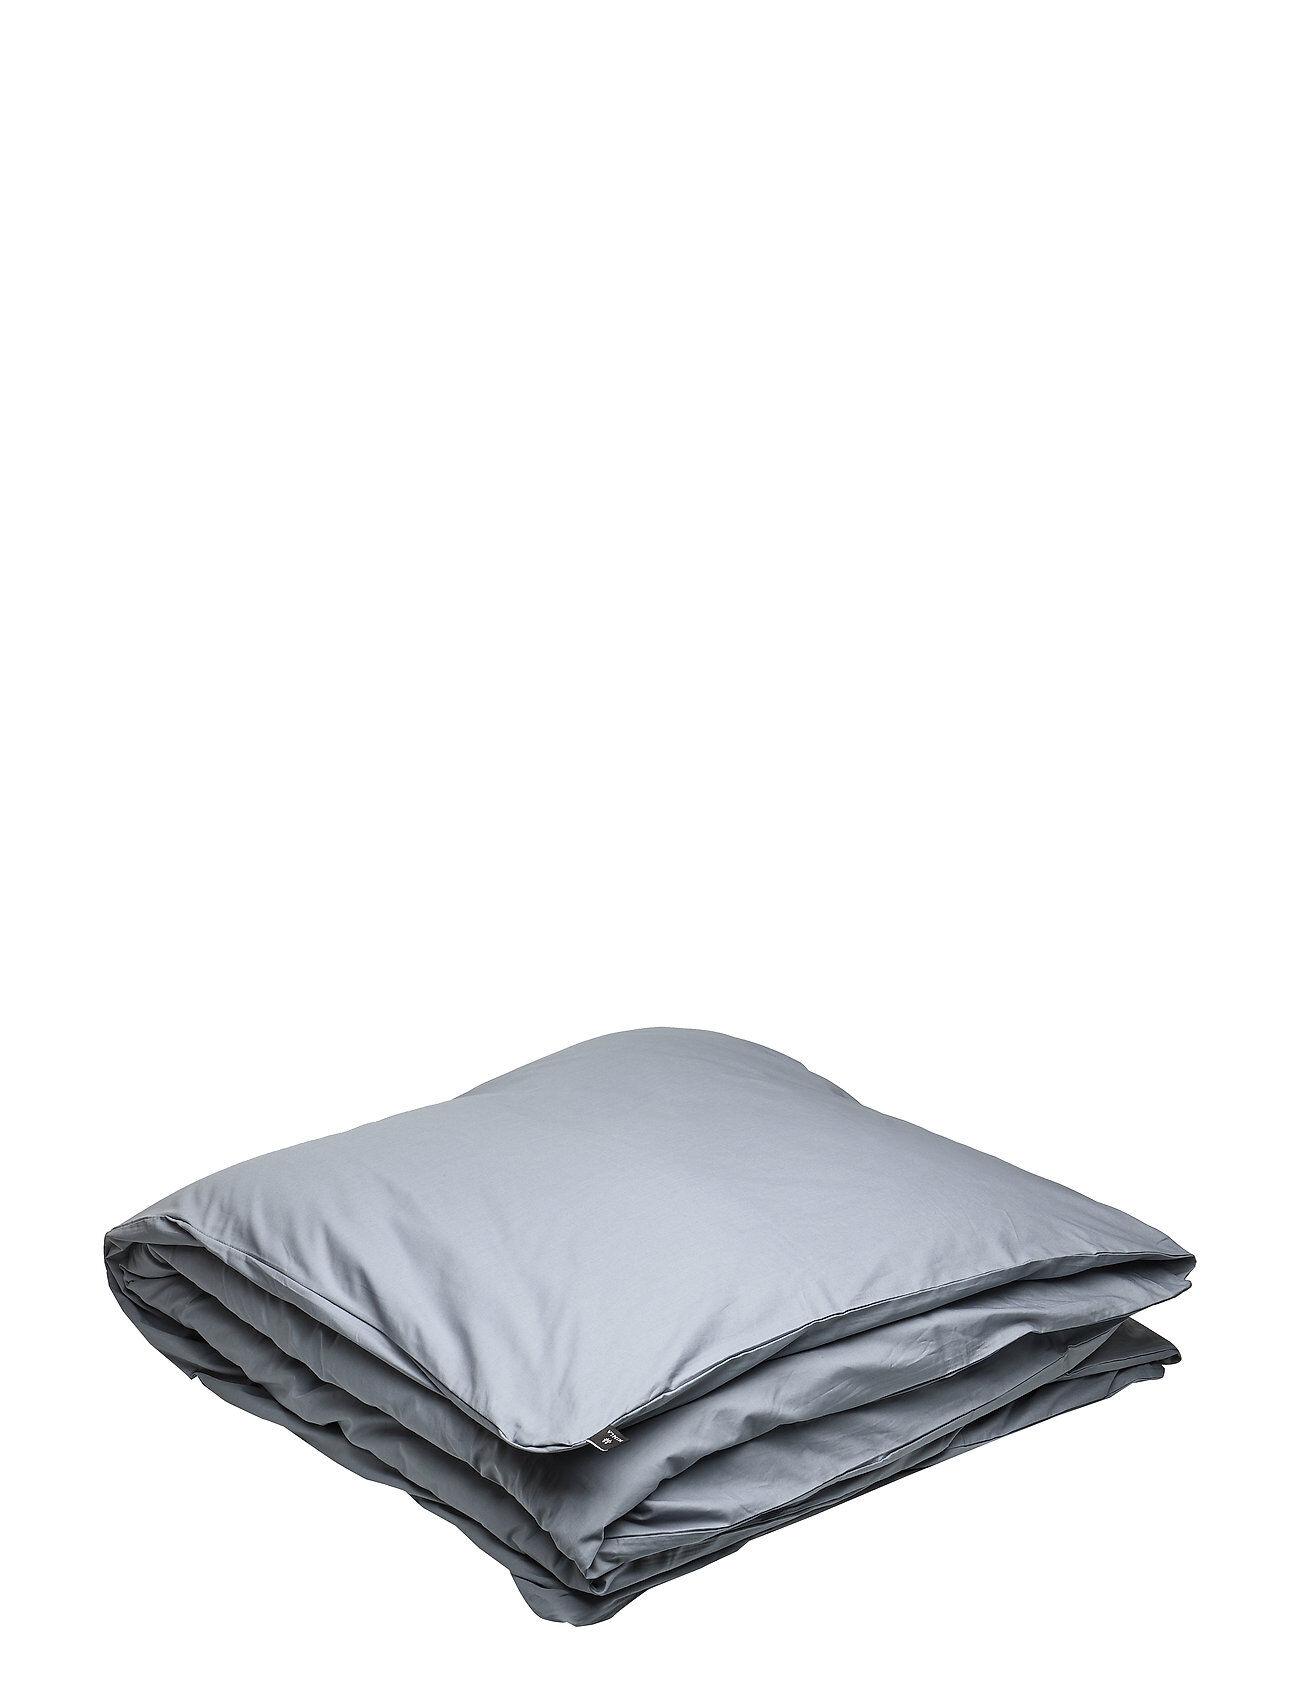 Himla Dreamtime Duvet Cover Home Bedroom Bedding Duvetcovers Sininen Himla